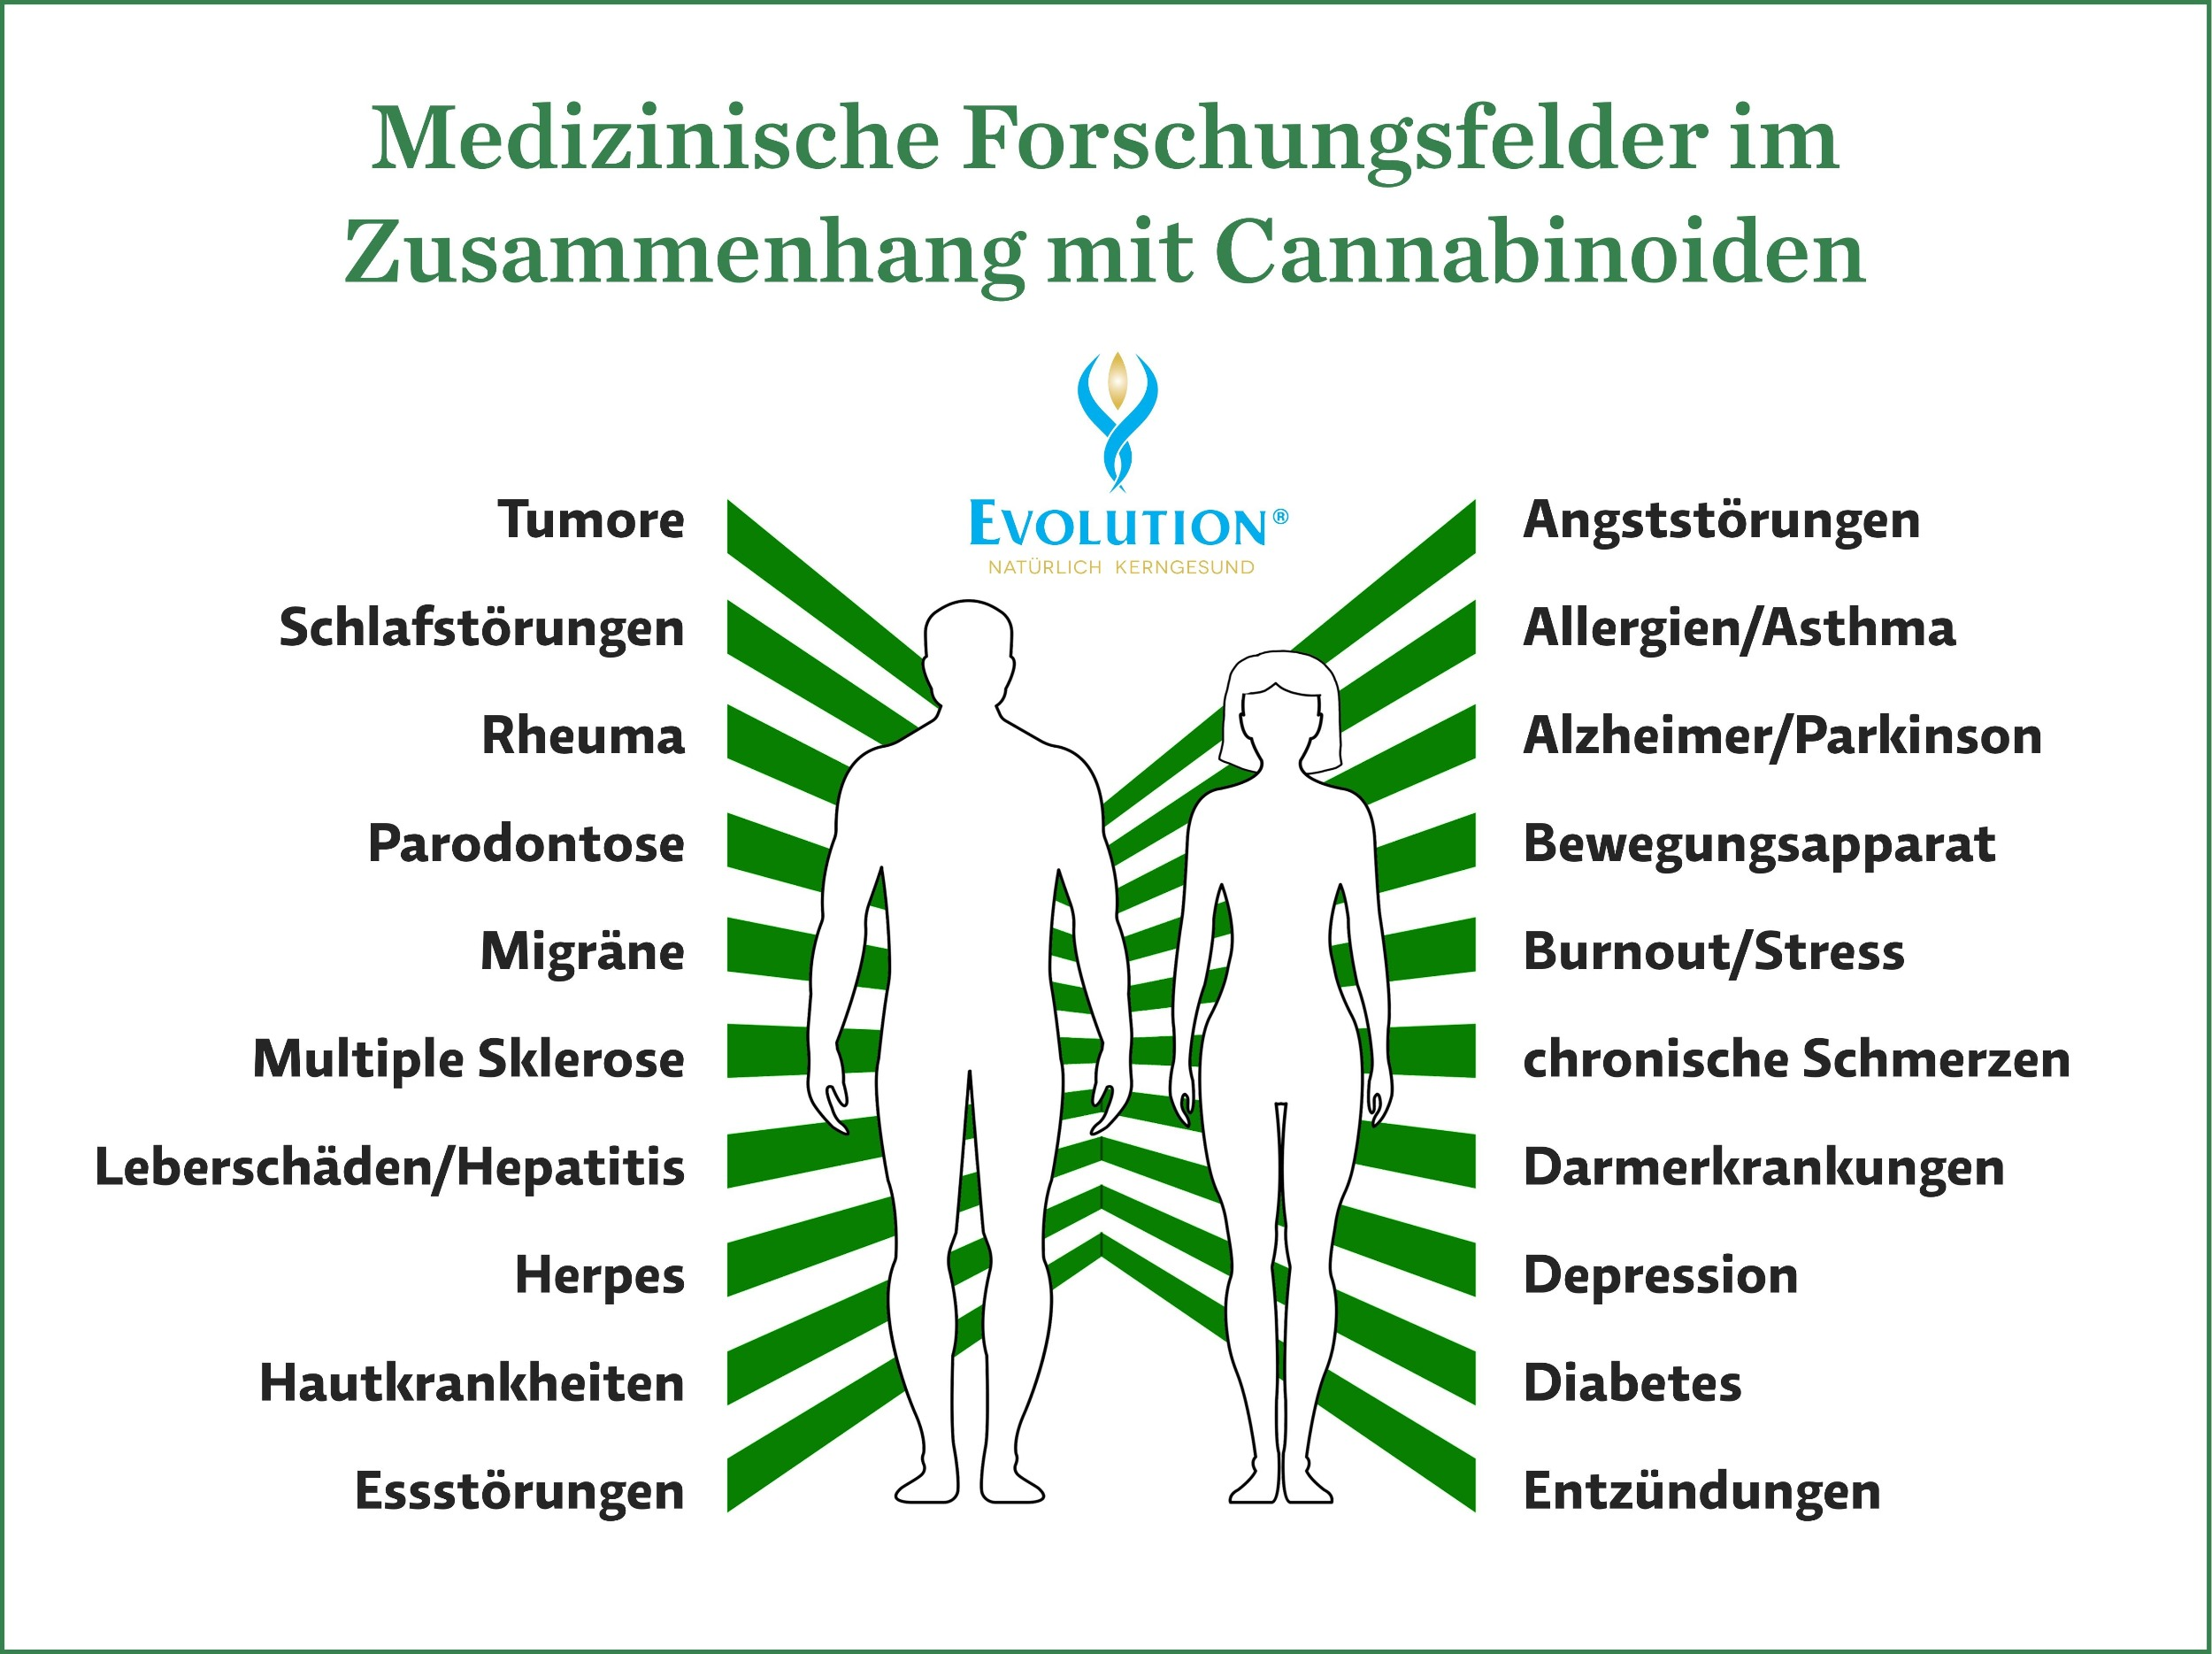 Medizinische Forschungsfelder im Zusammenhang mit Cannabinoiden